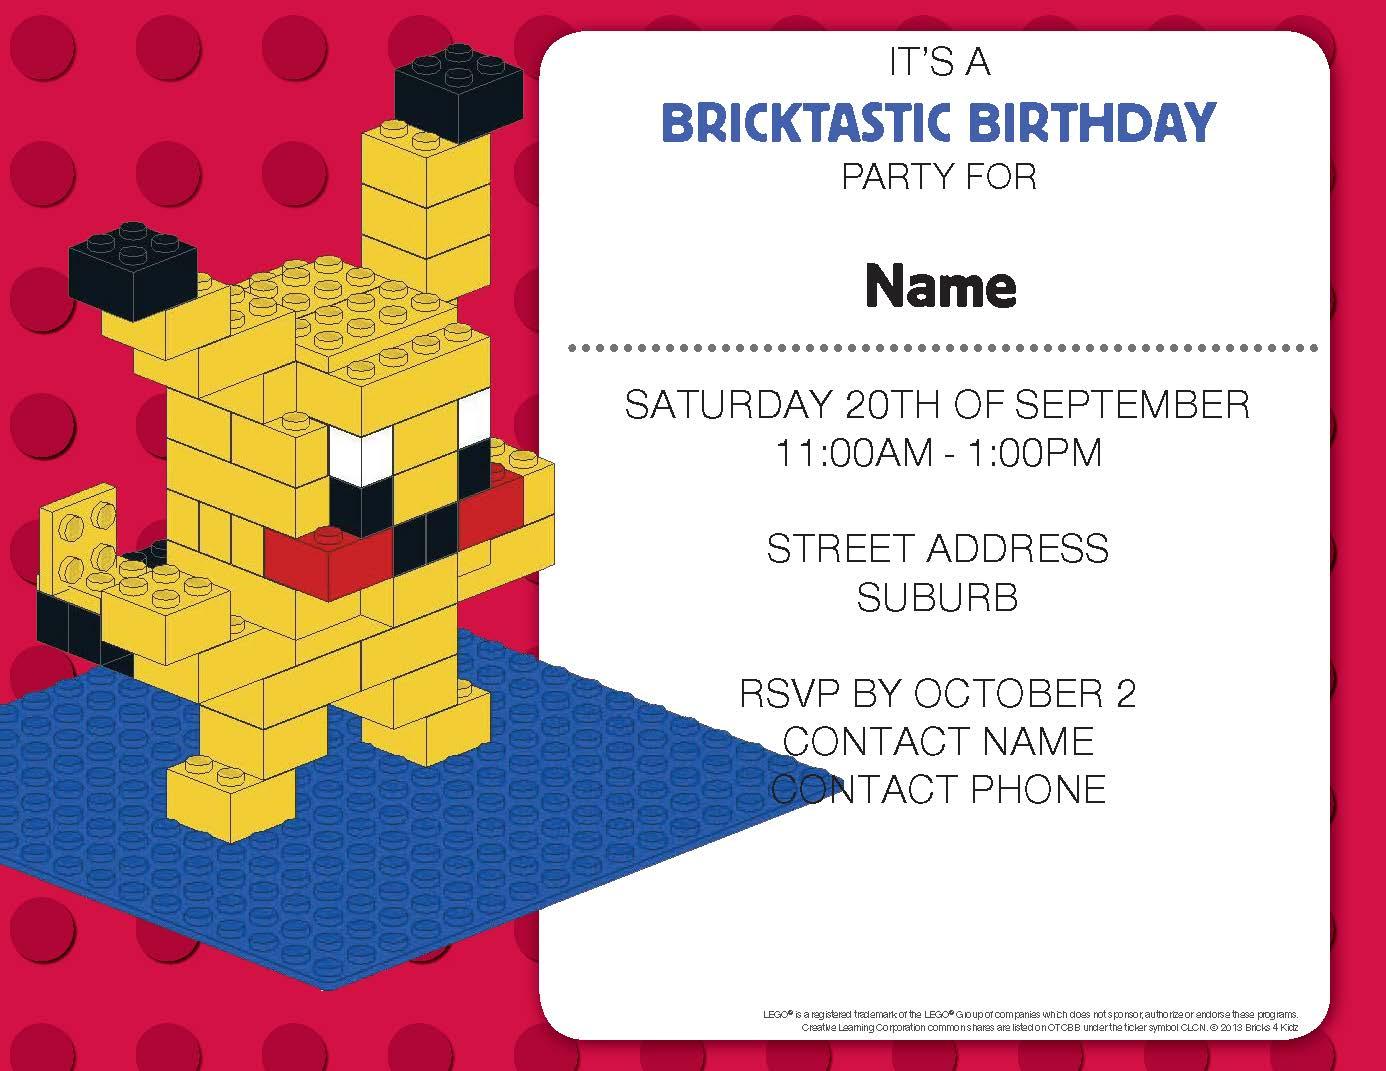 b4k pokemon party invitation